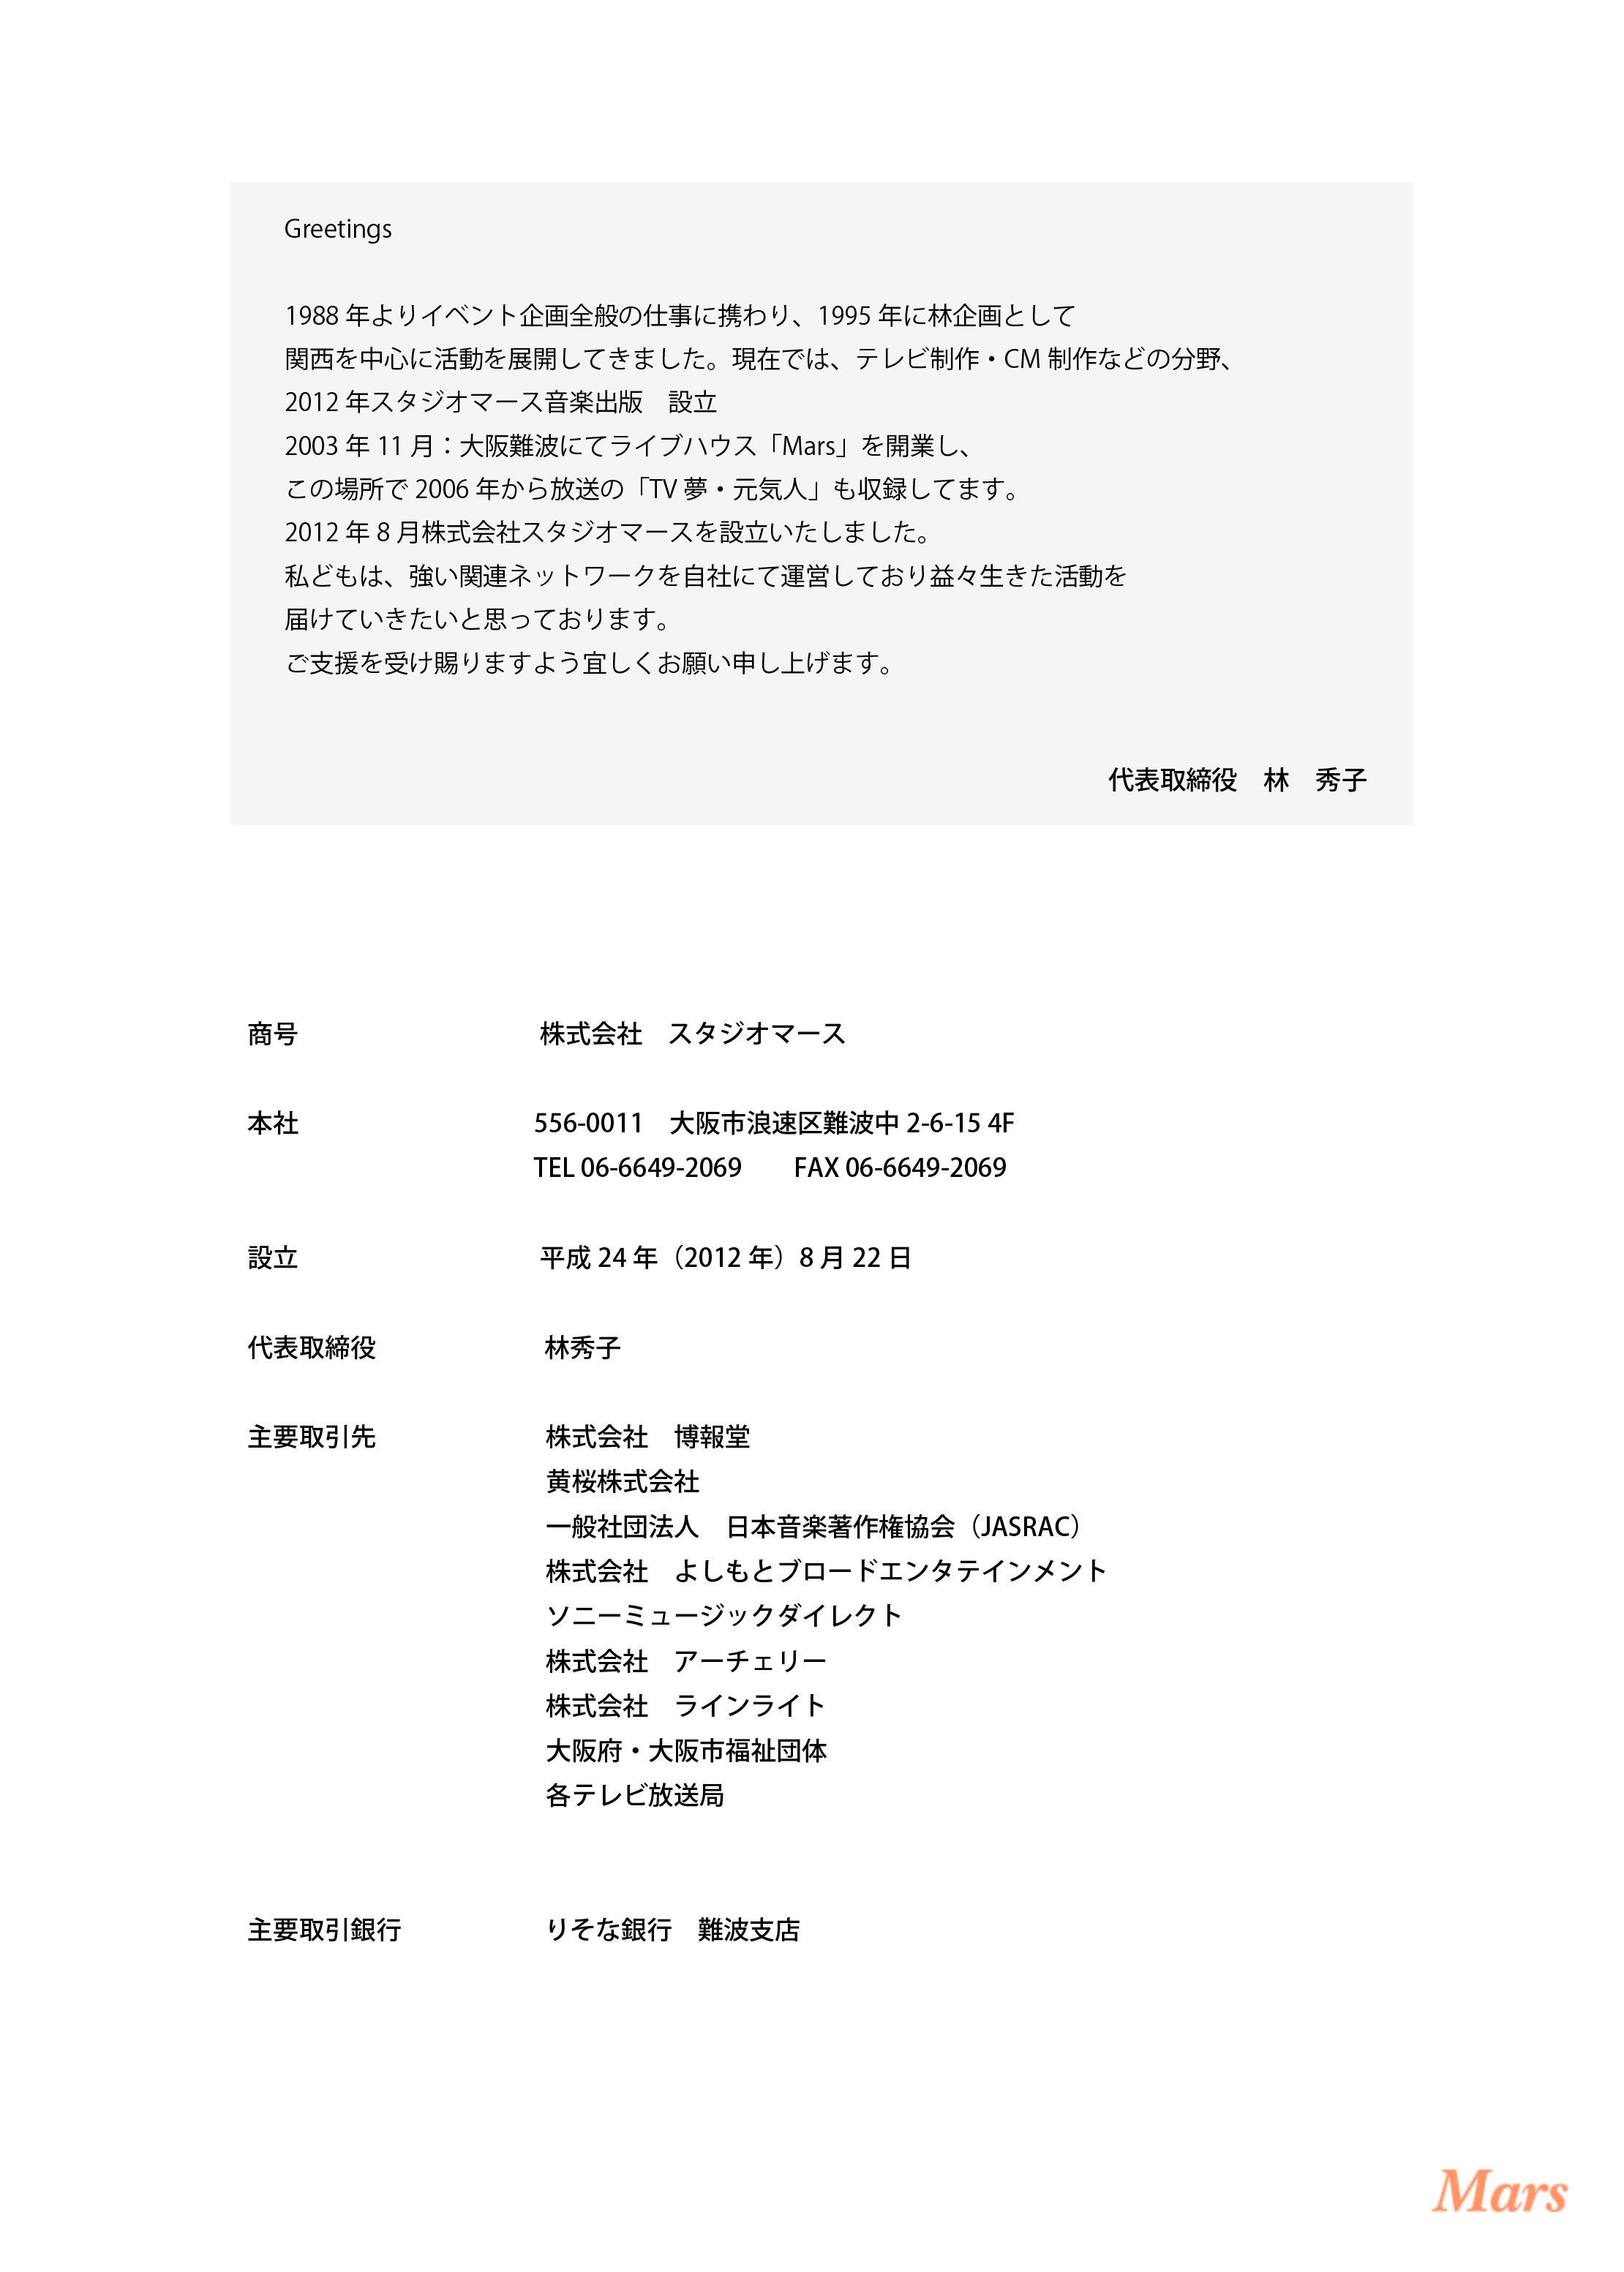 会社概要-01.jpg